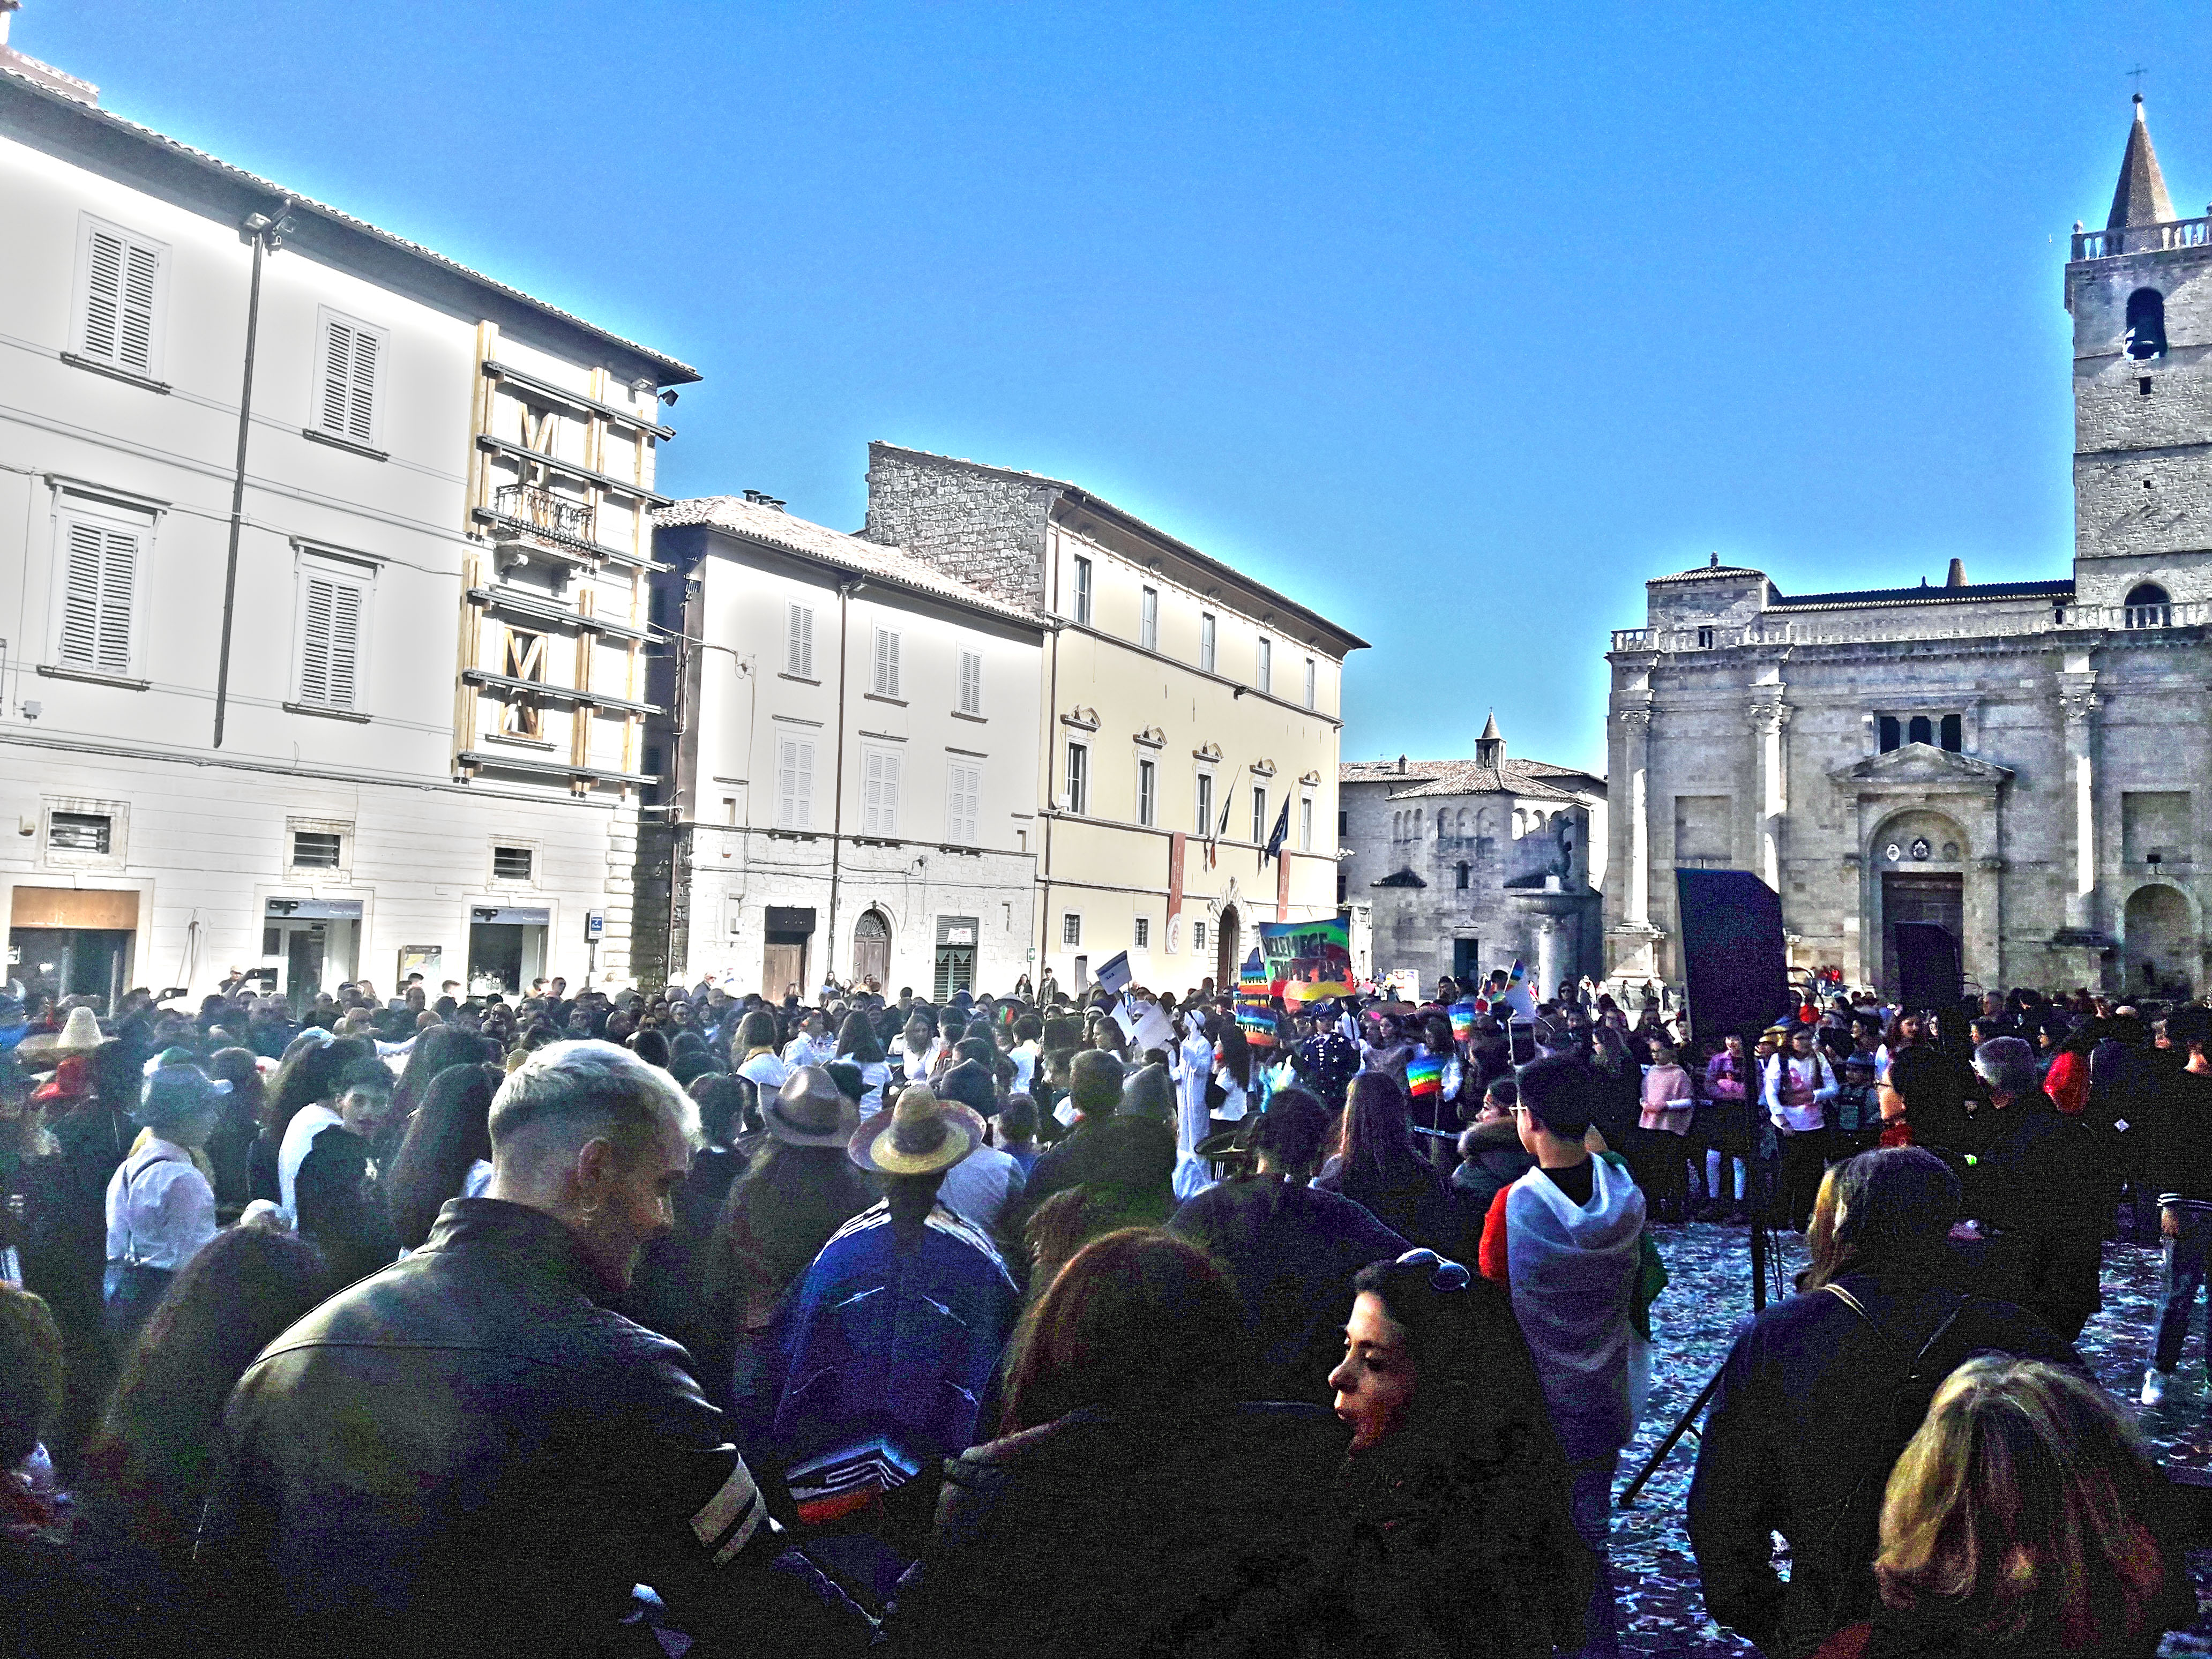 Carnevale scuole in piazza Arringo 2019